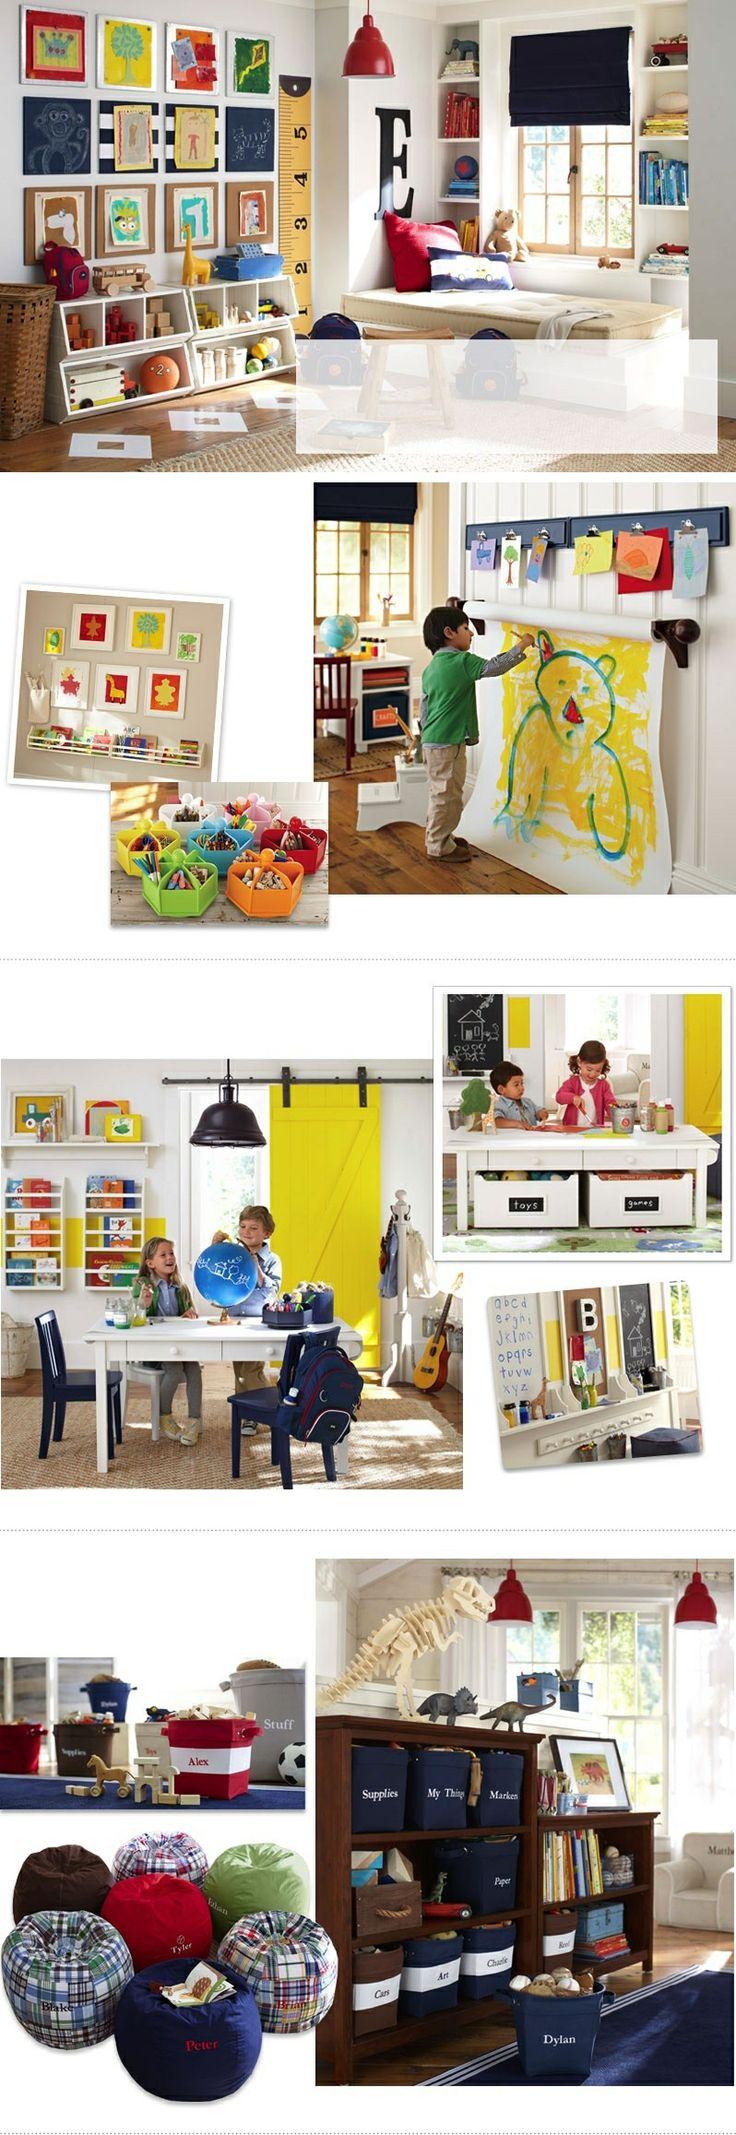 133 besten Playroom Bilder auf Pinterest | Kinderzimmer ...